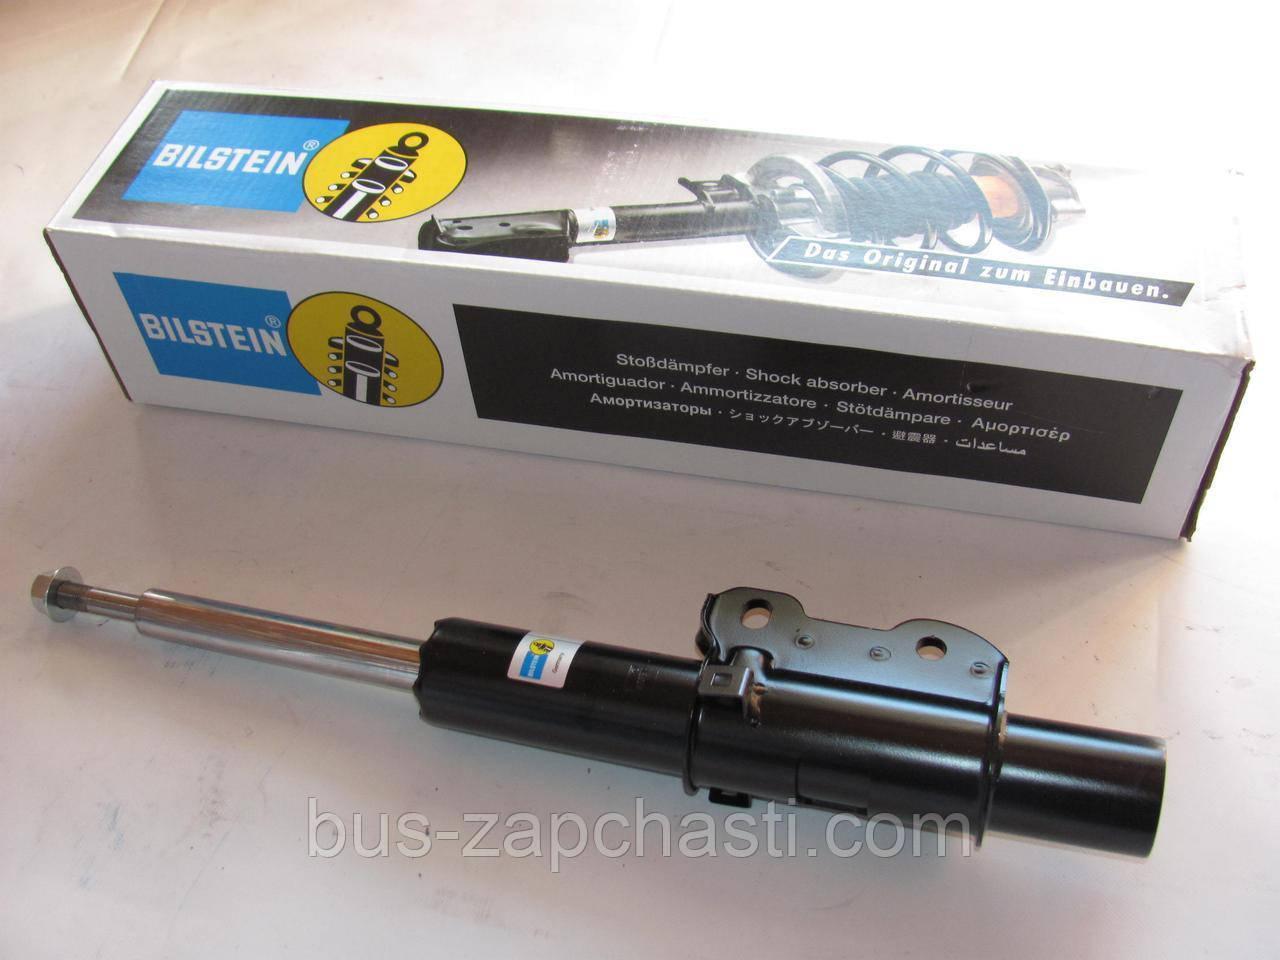 Амортизатор передний (стойка) на MB Sprinter  906, VW Crafter 2006→ — Bilstein (Германия) — 22-184238